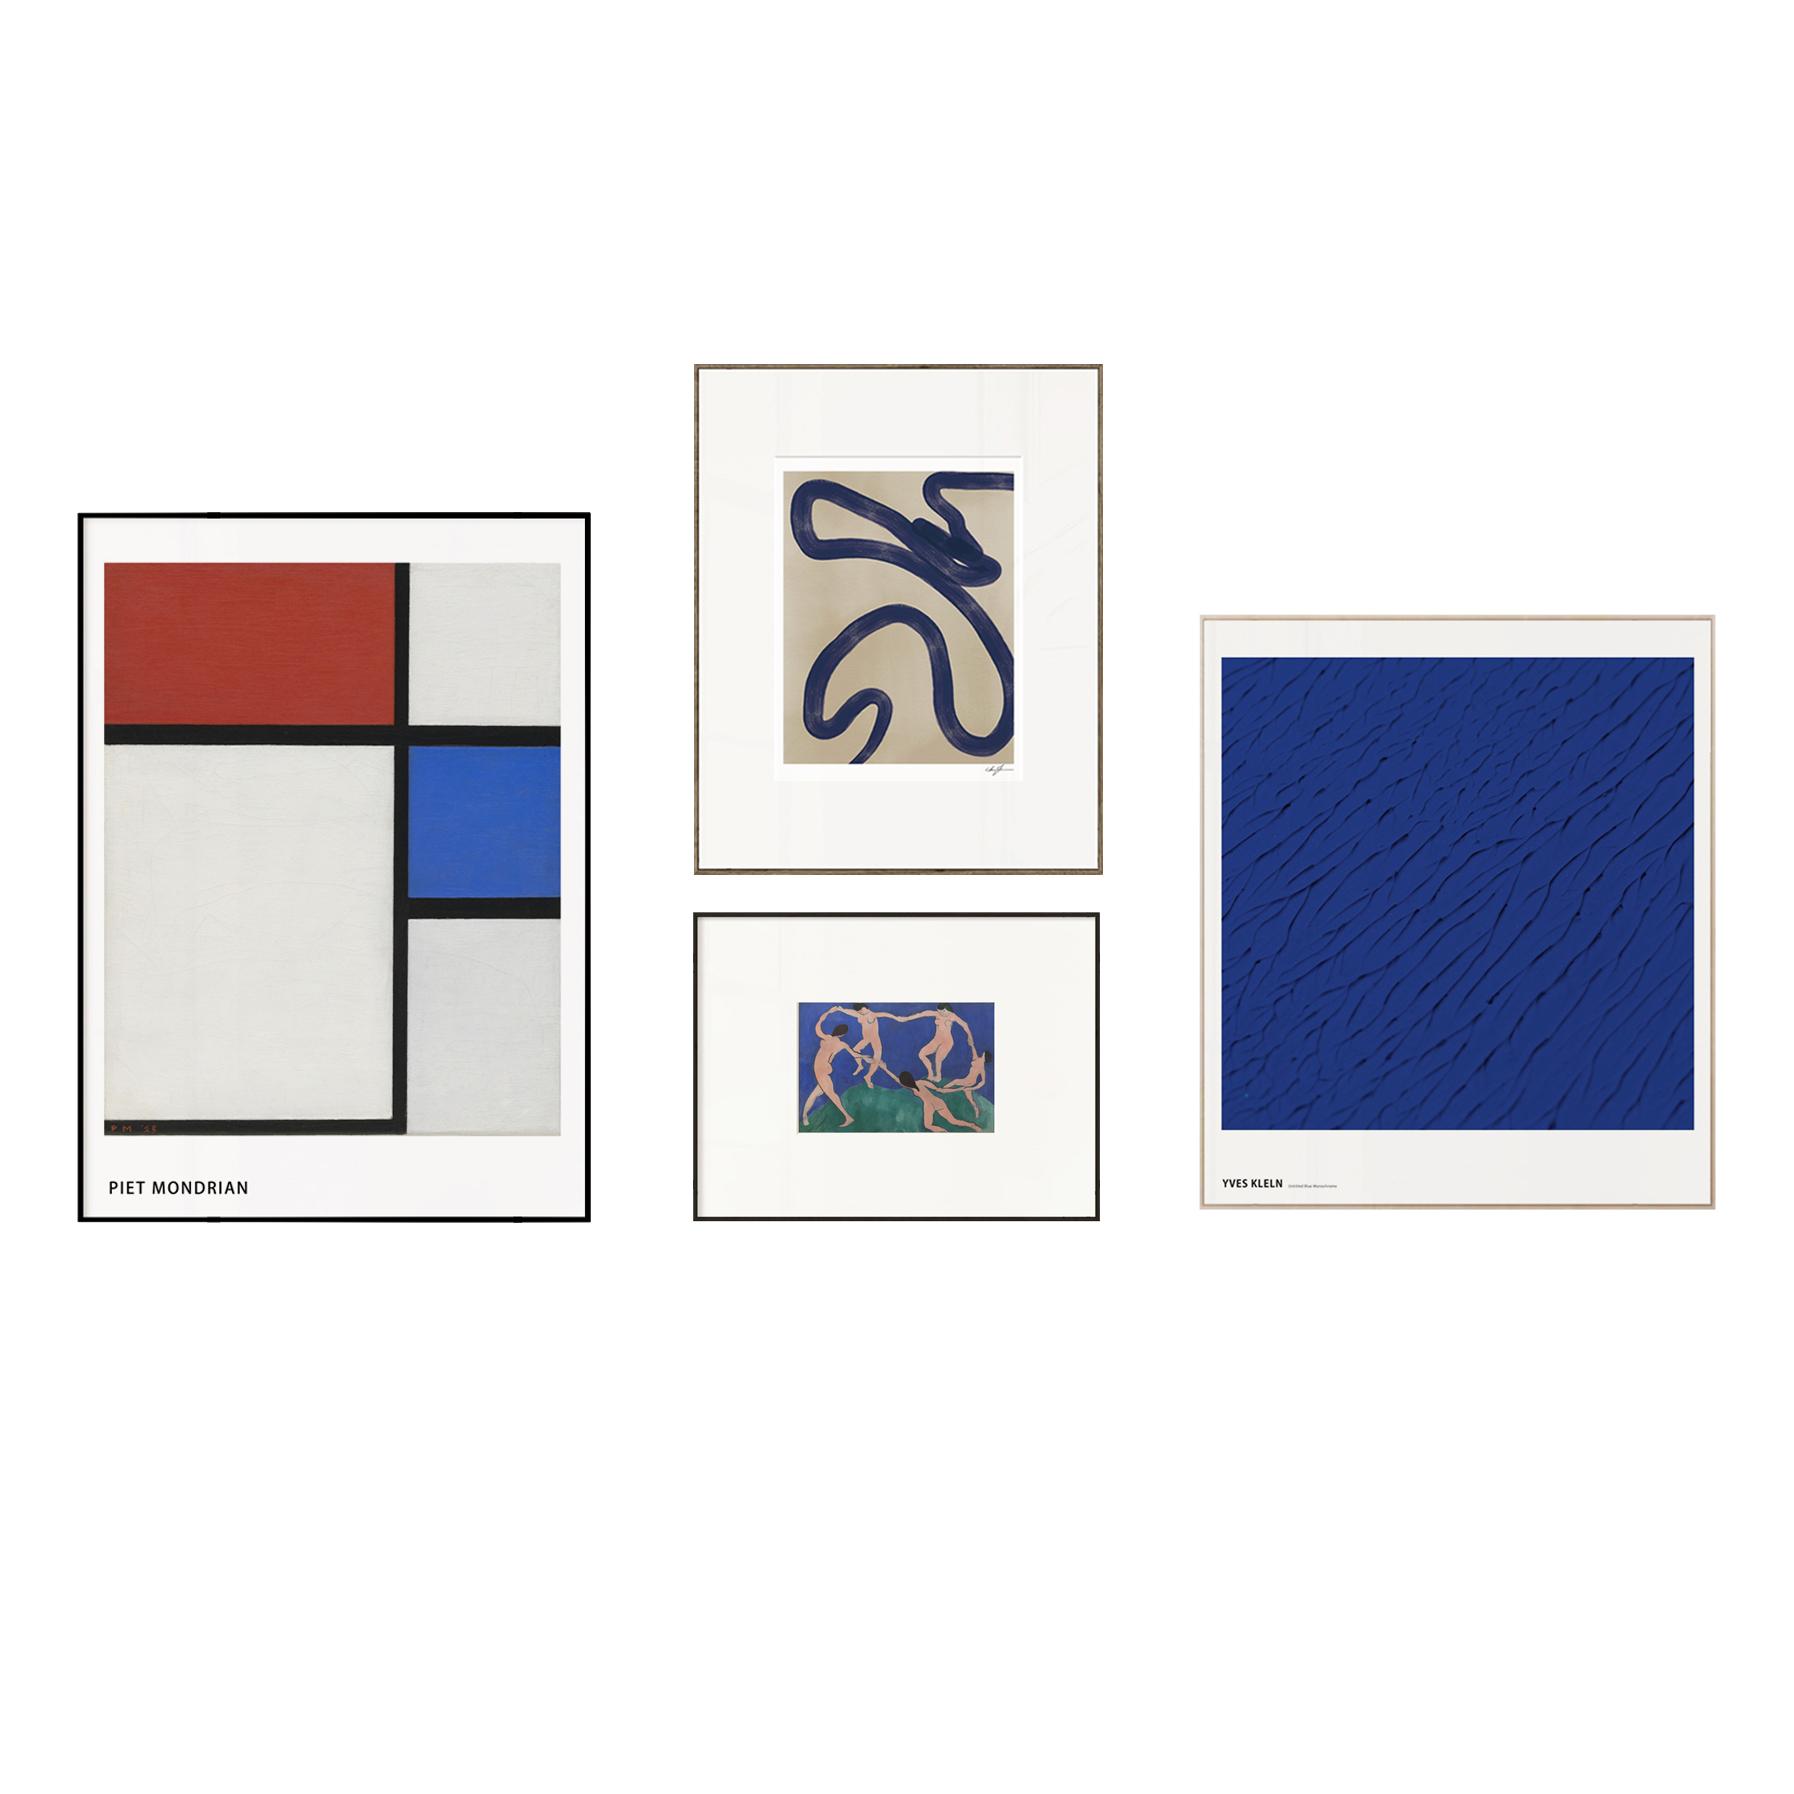 现代简约客厅卧室玄关组合挂画 北欧极简装饰画 丹麦抽象艺术壁画